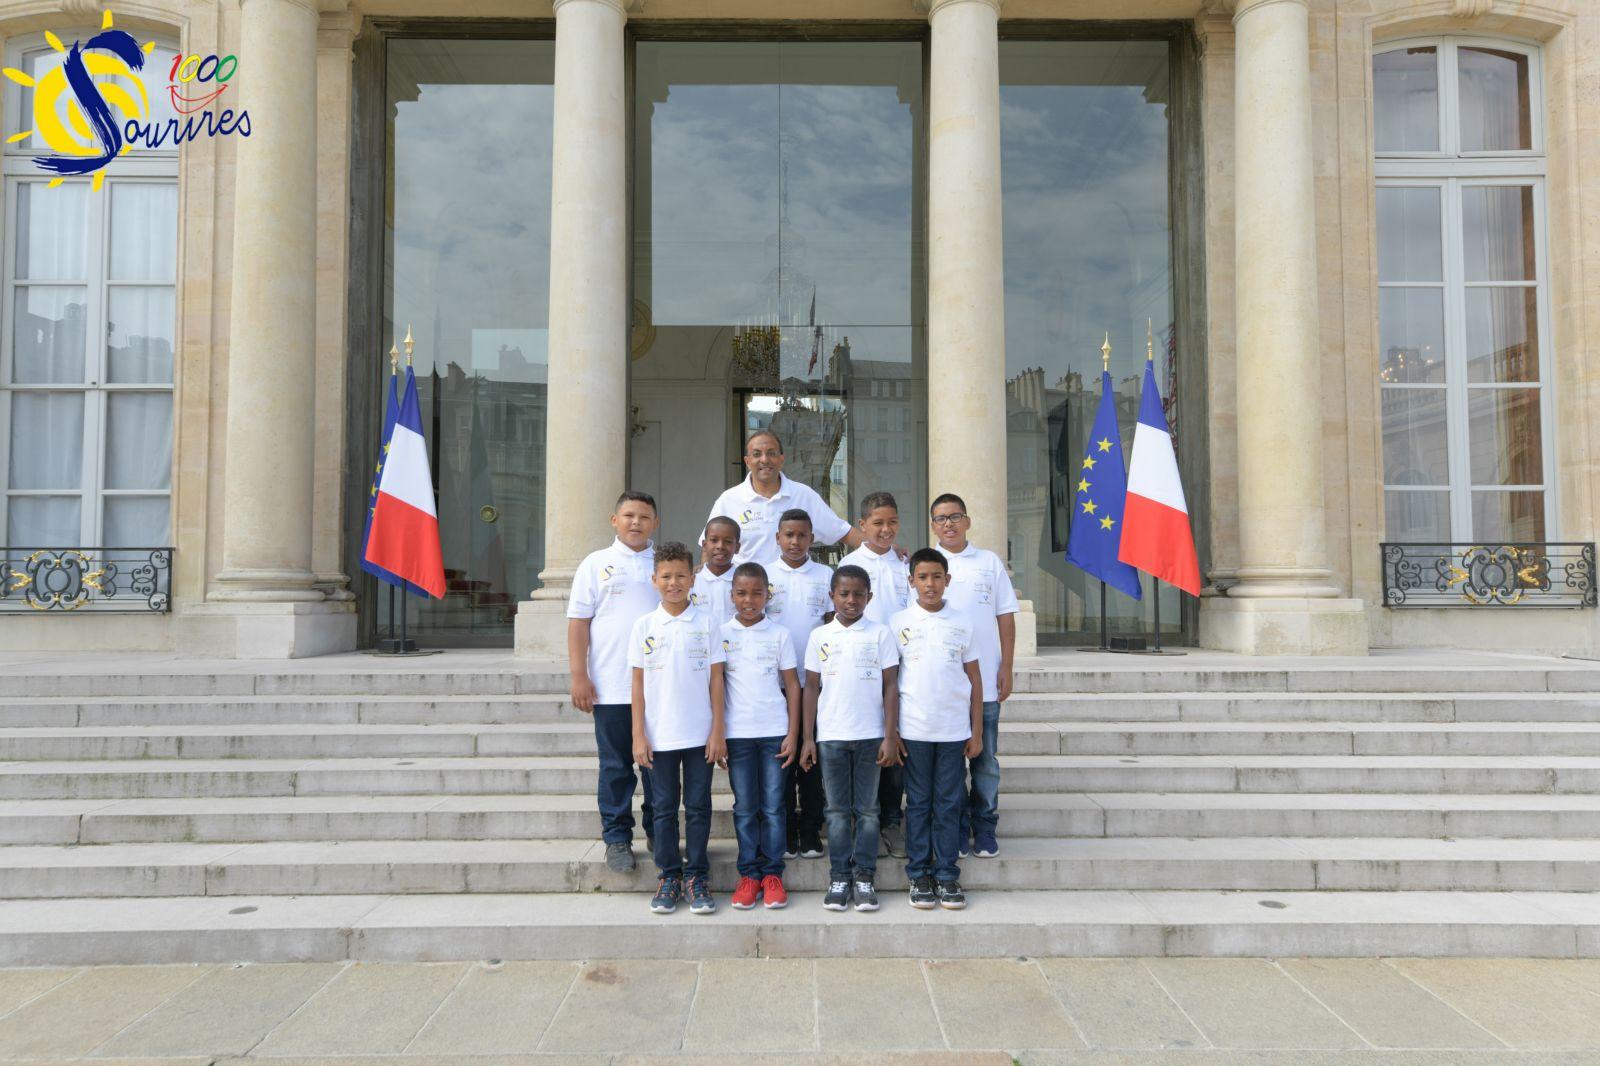 """<center>Jour 7 : """"S'envoler vers le Rêve  ..."""" <br>Les enfants de 1000 Sourires <br> au coeur du palais de l'Élysée <br>  pour une visite d'exception"""